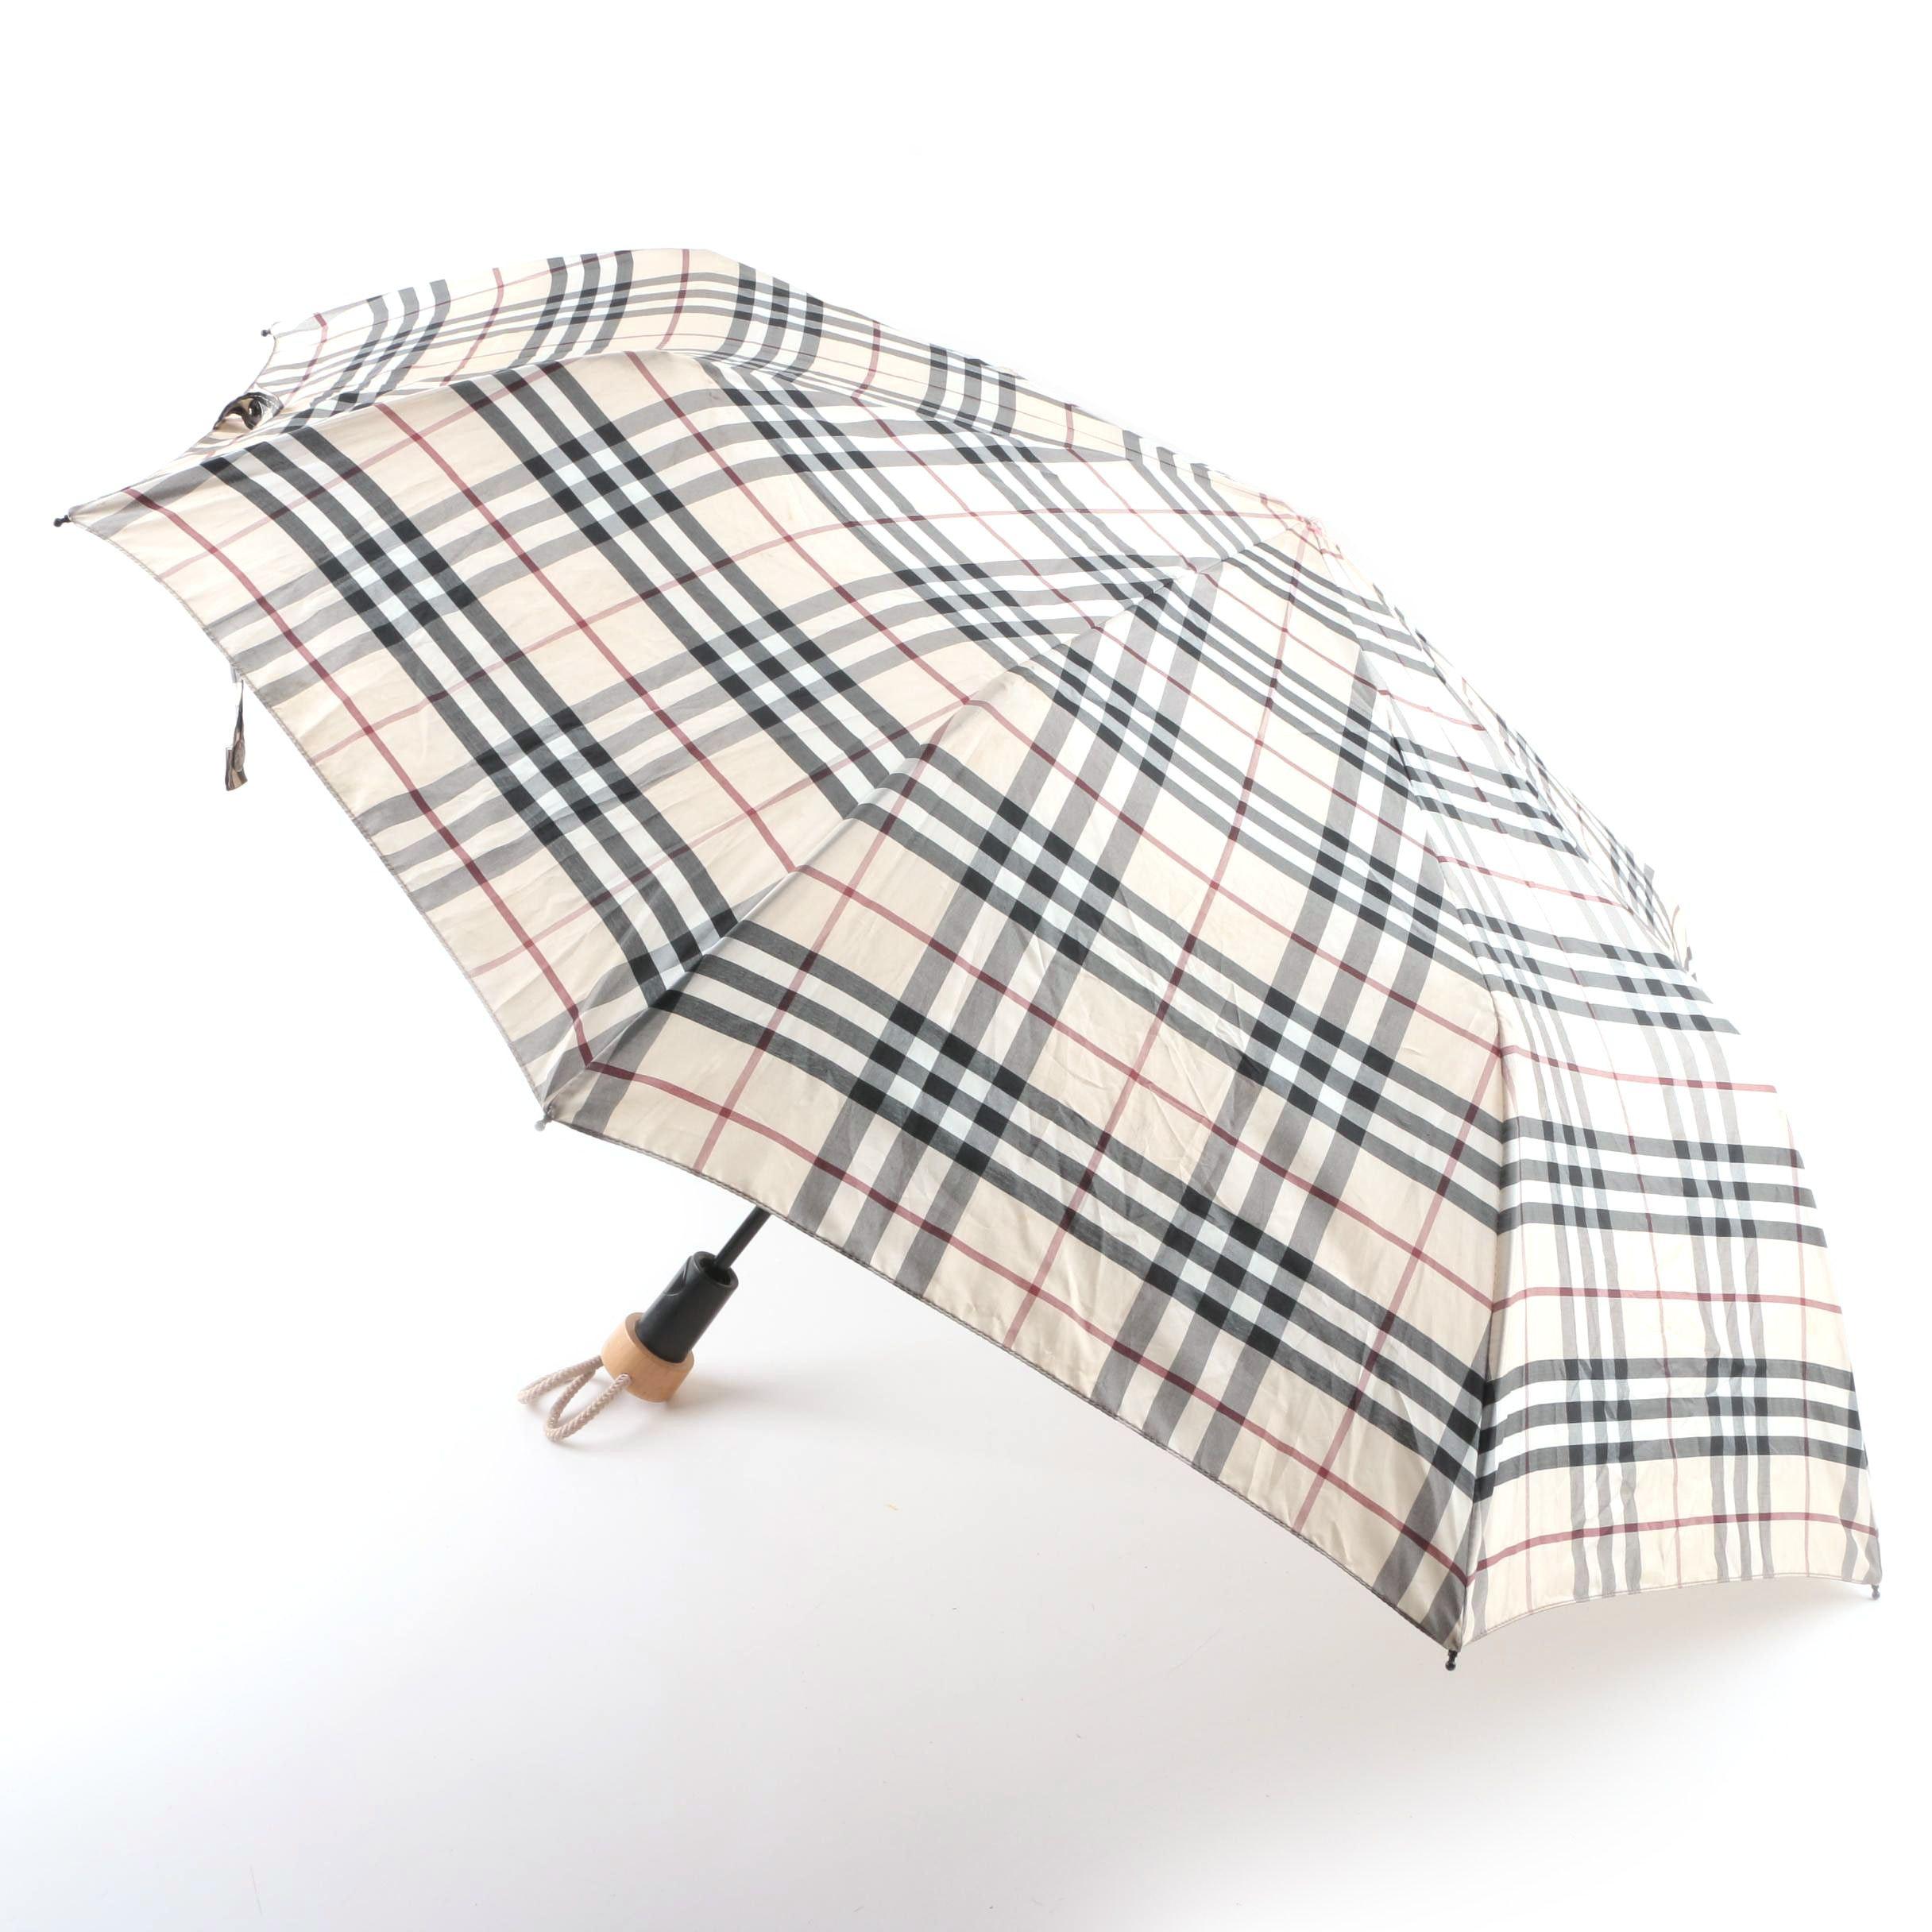 Burberry Signature Plaid Umbrella